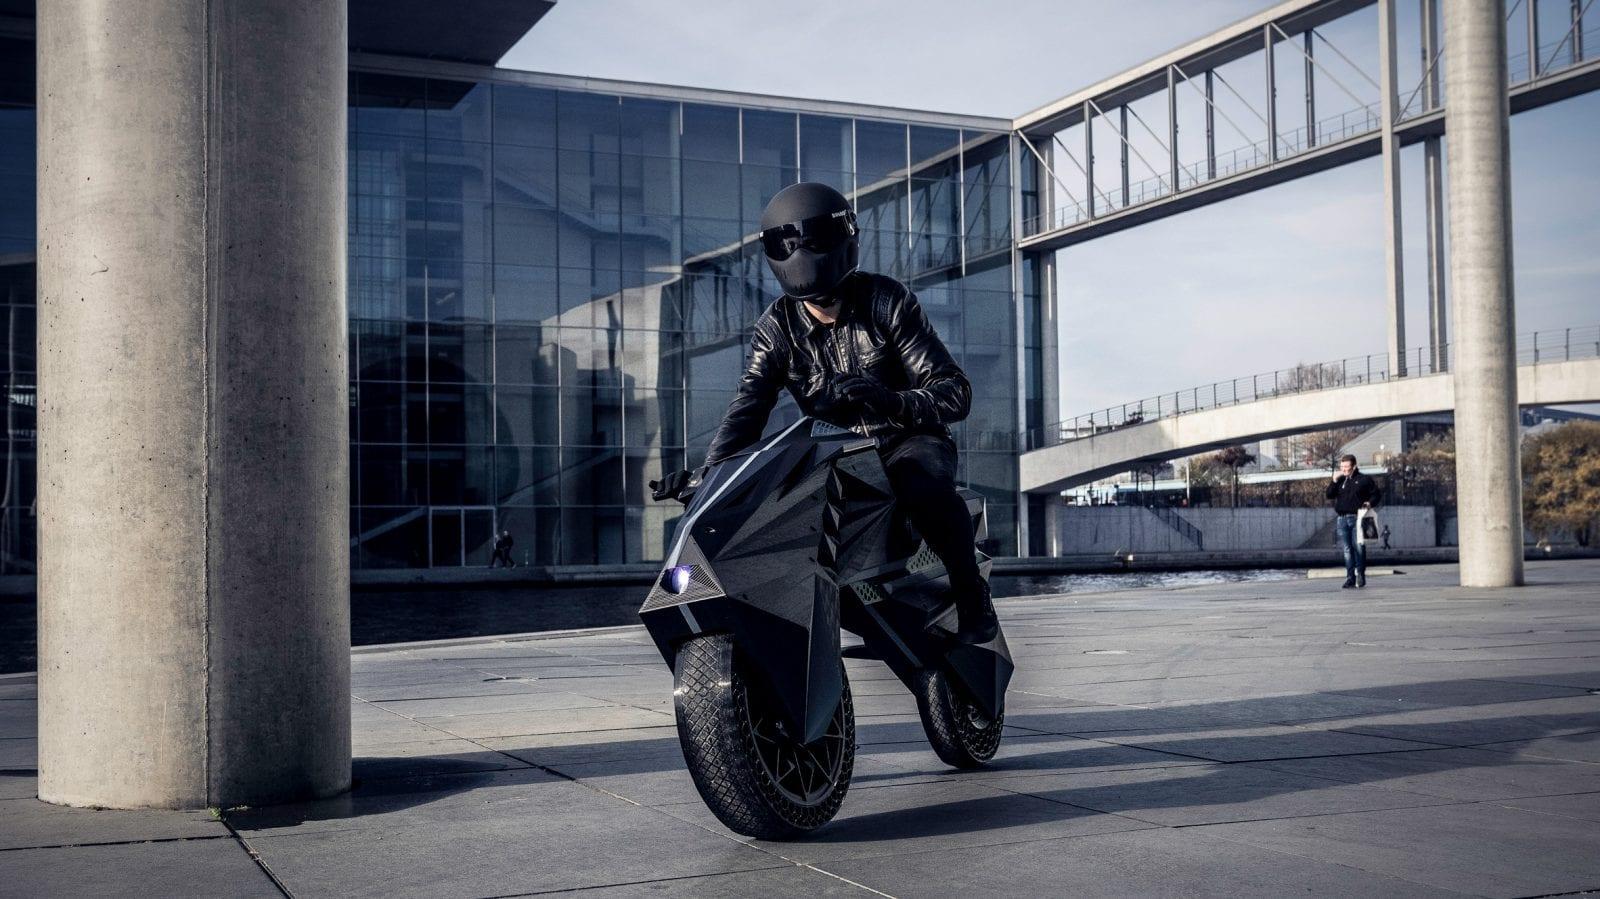 nera 3d printed motorbike design dezeen 2364 hero 1 - Premieră mondială: Nera, motocicleta electrică cu piese scoase la imprimanta 3D